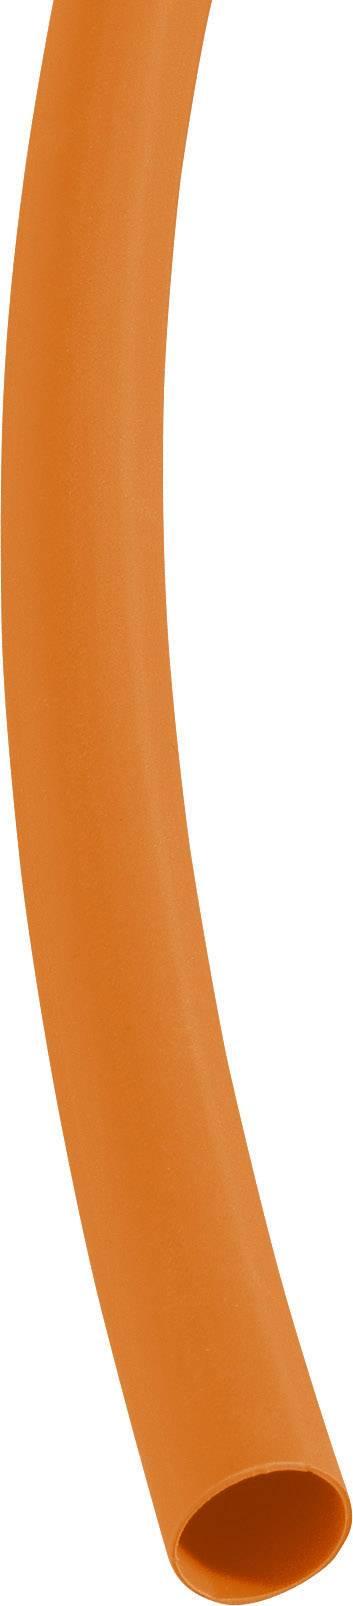 Zmršťovacia bužírka bez lepidla DSG Canusa 3290030203, 3:1, 3.20 mm, oranžová, metrový tovar